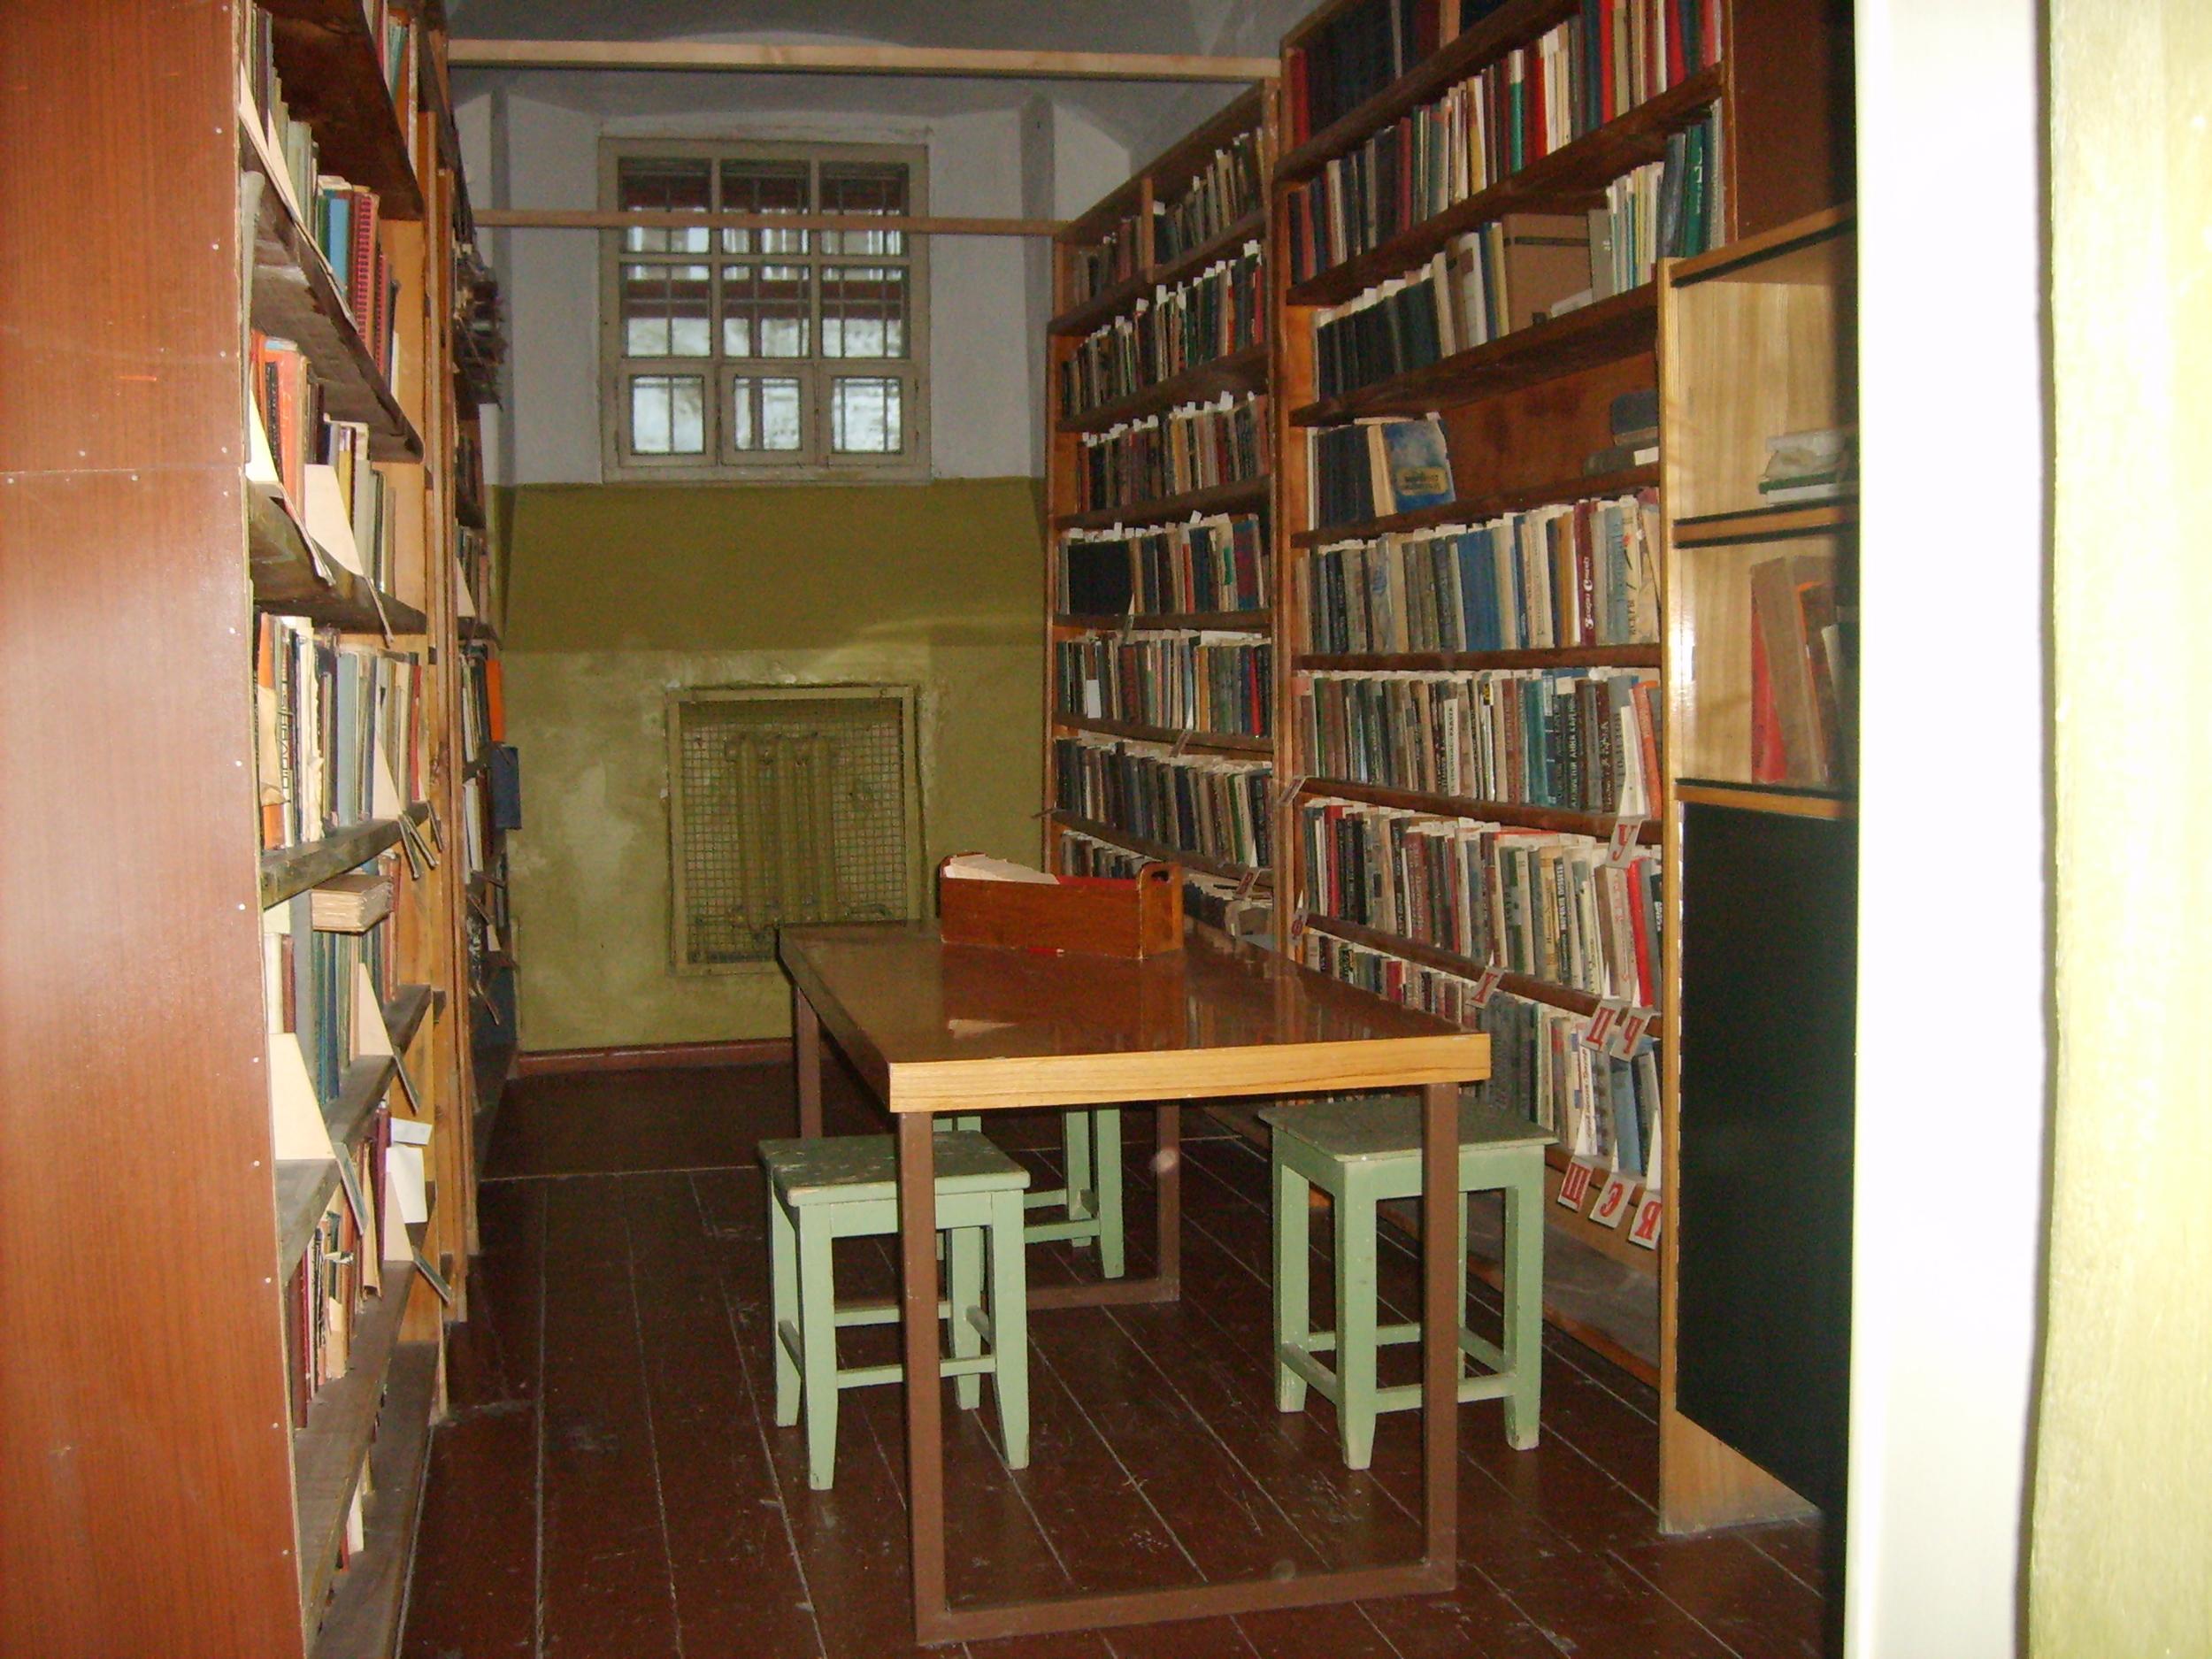 Prison Library ©Gavin Harper/Flickr